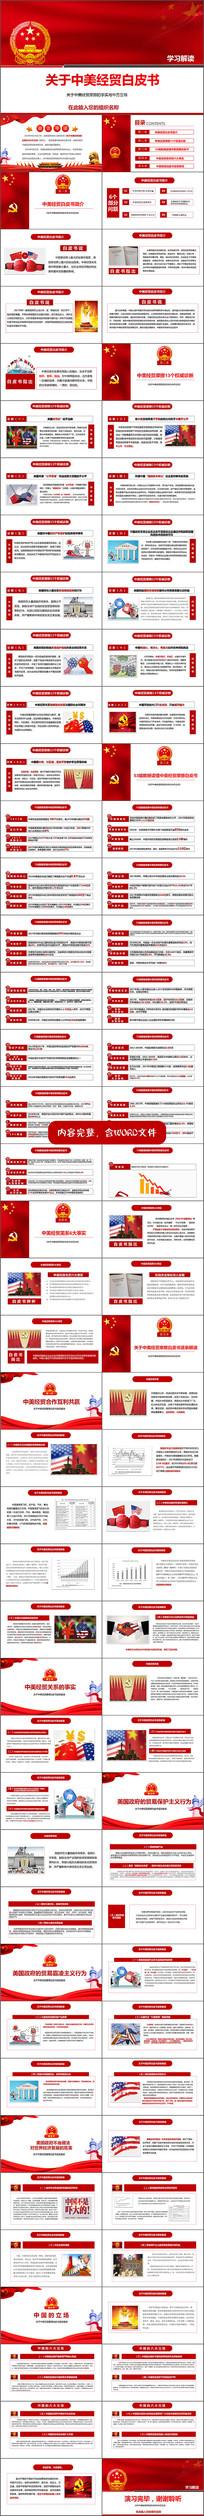 中美经贸摩擦白皮书中美贸易战PPT